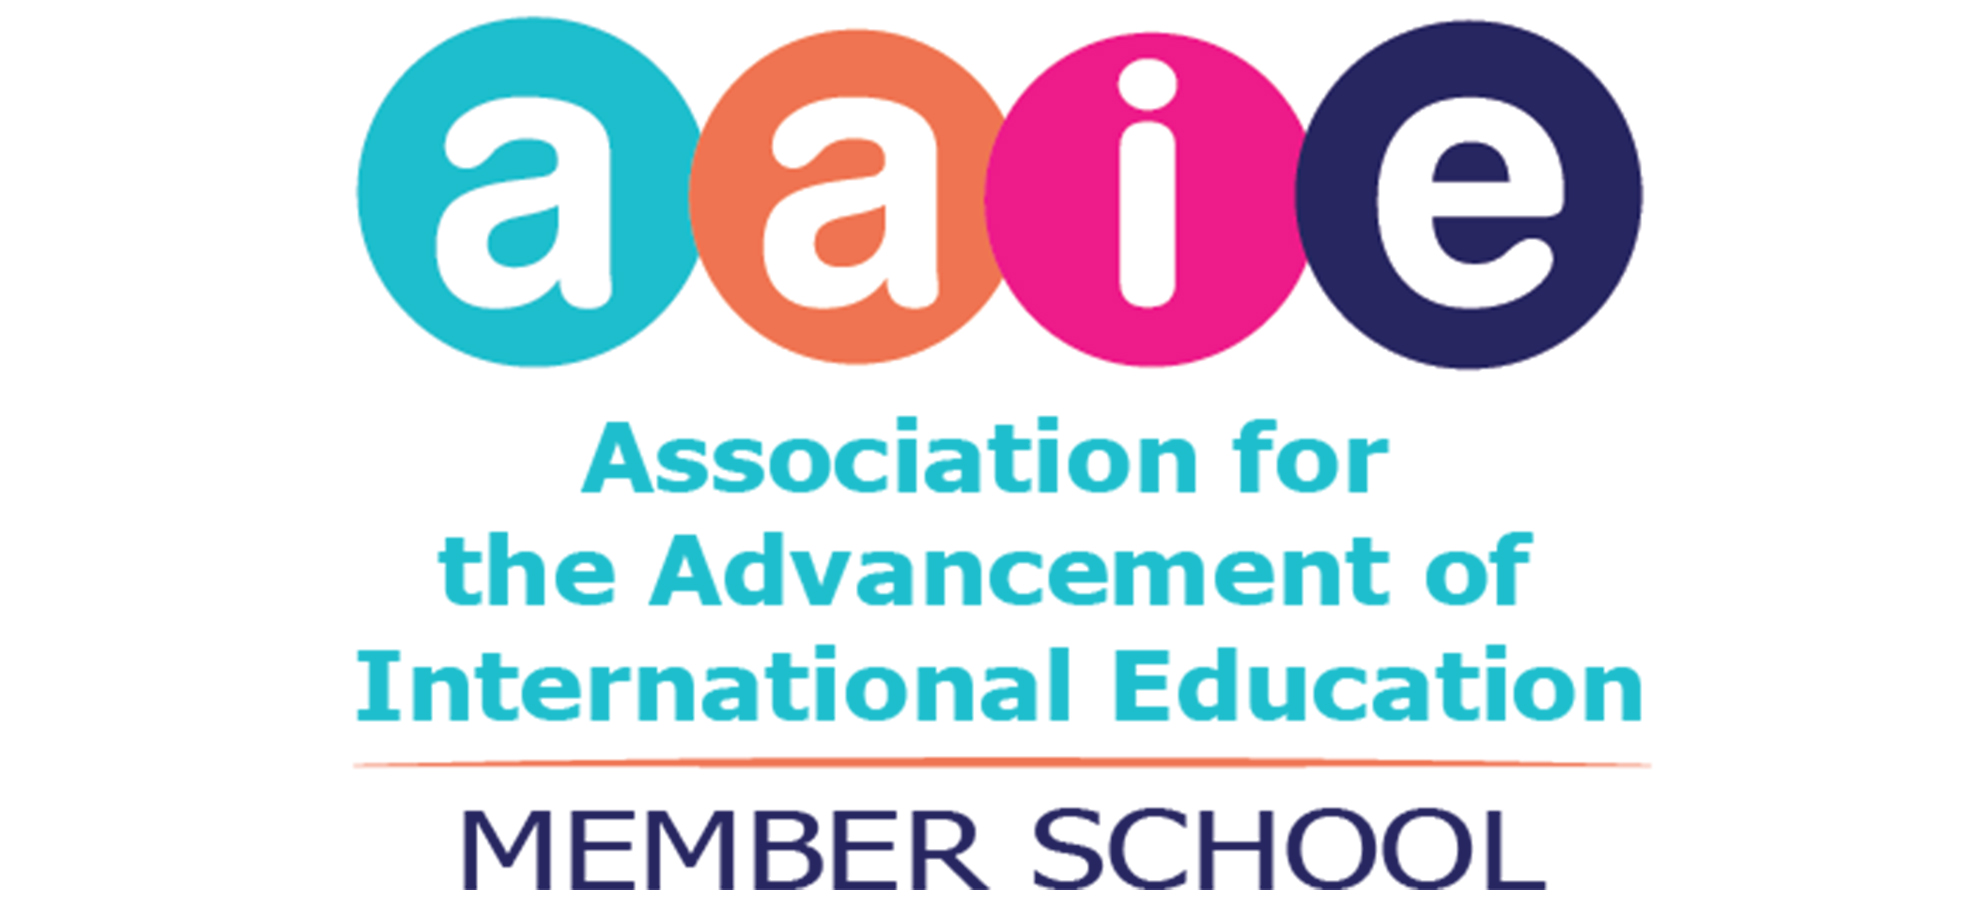 AAIE Member School.jpg